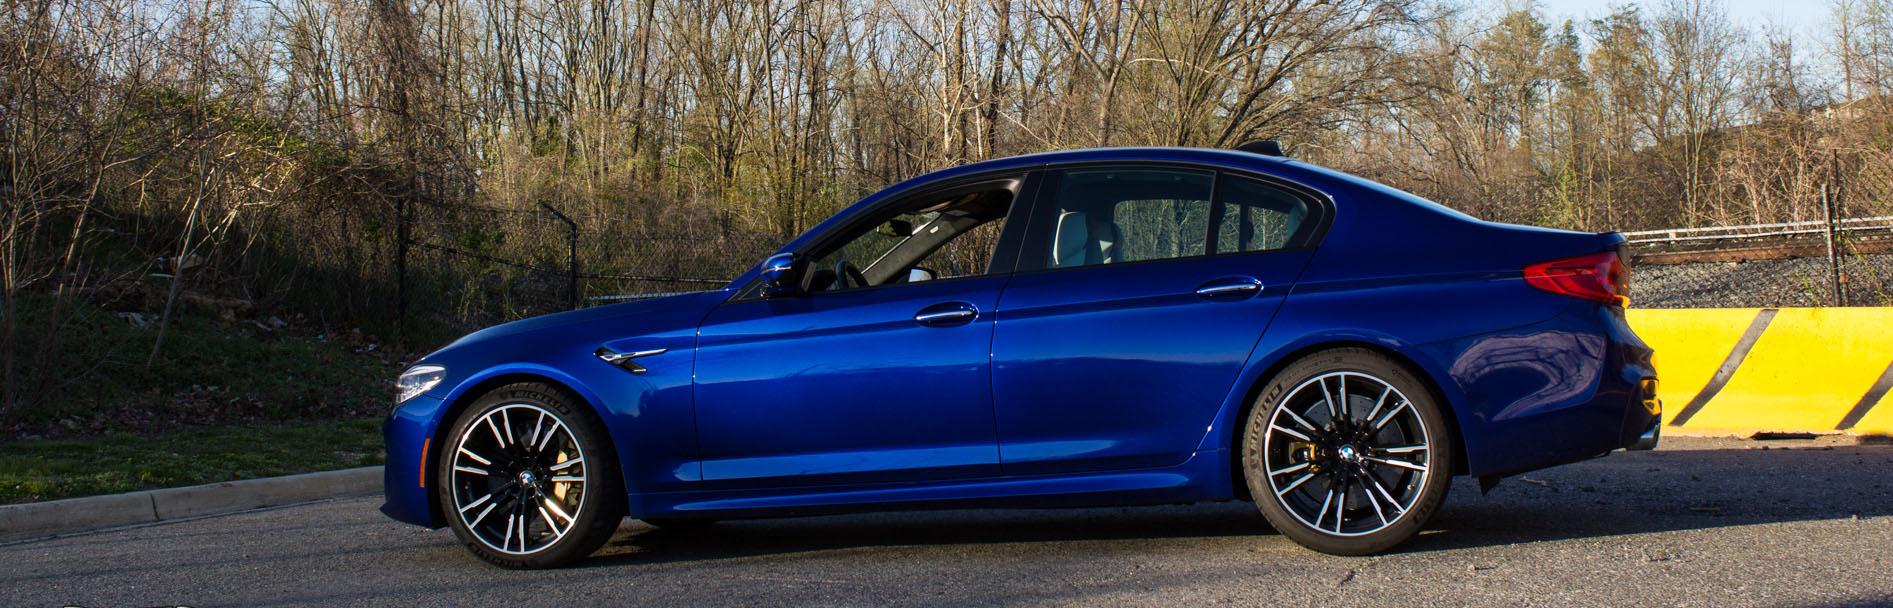 2018 F90 BMW M5